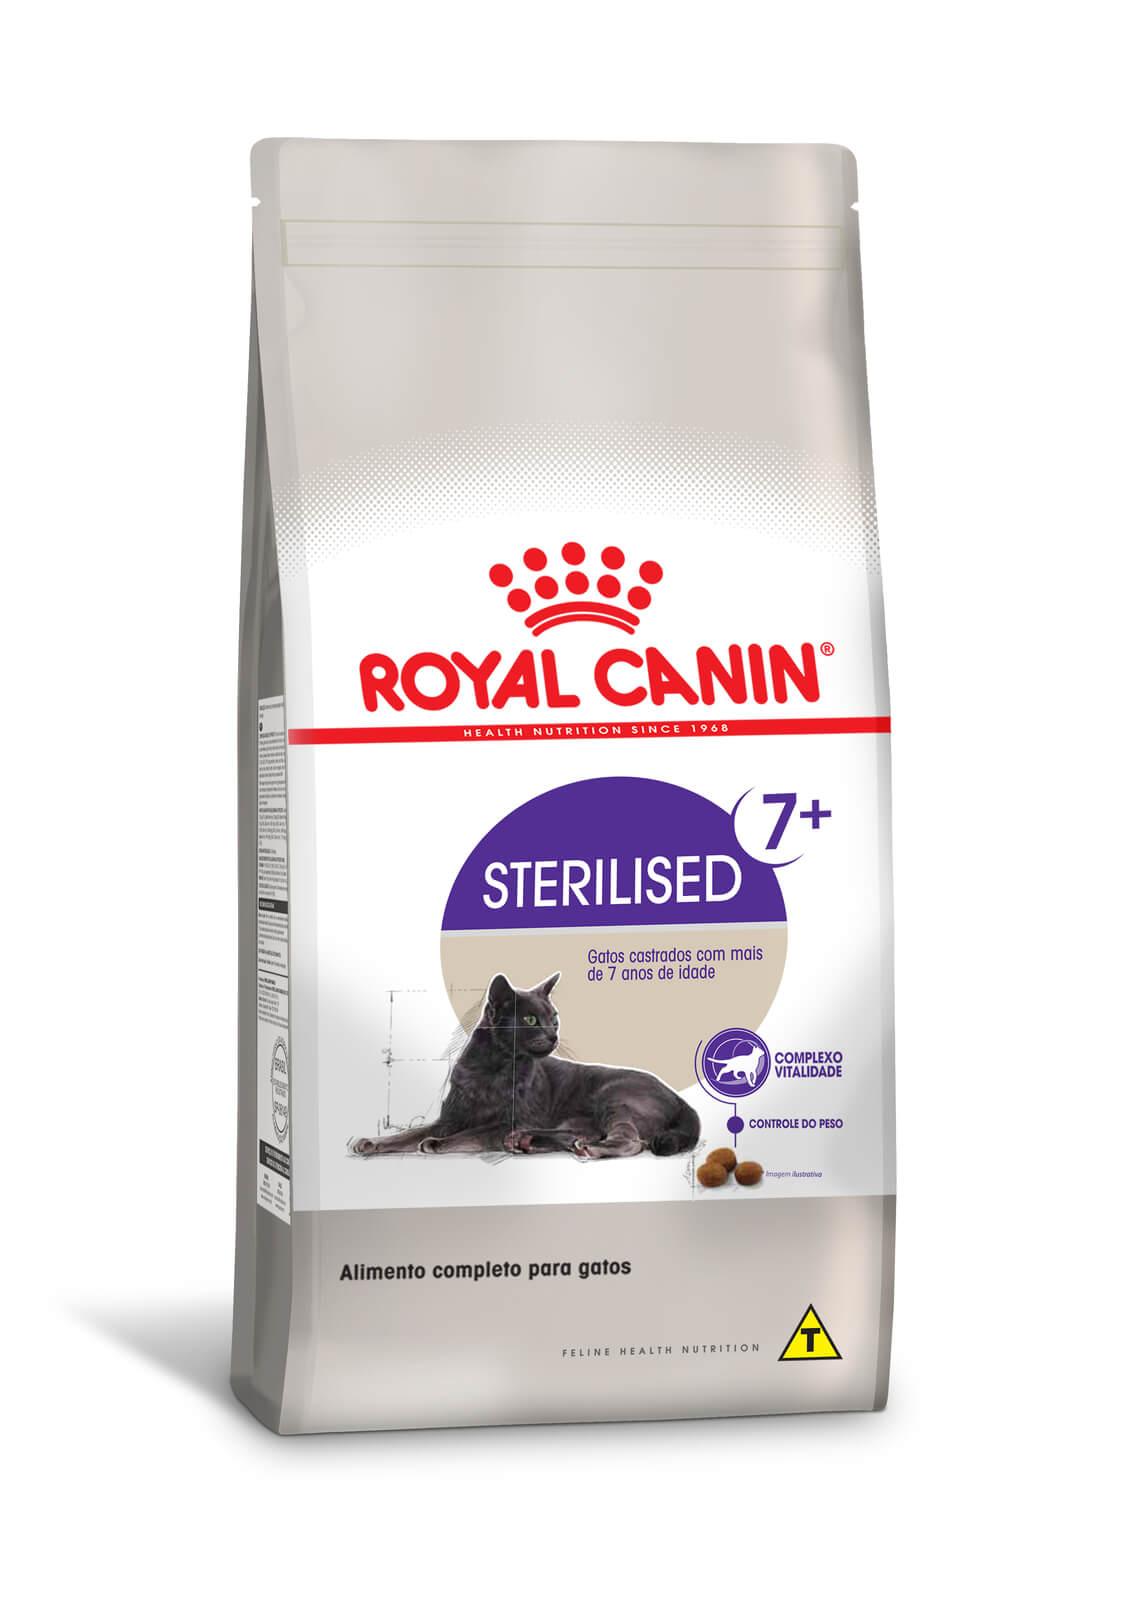 Ração Royal Canin Sterilised 7+ - Gatos Castrados